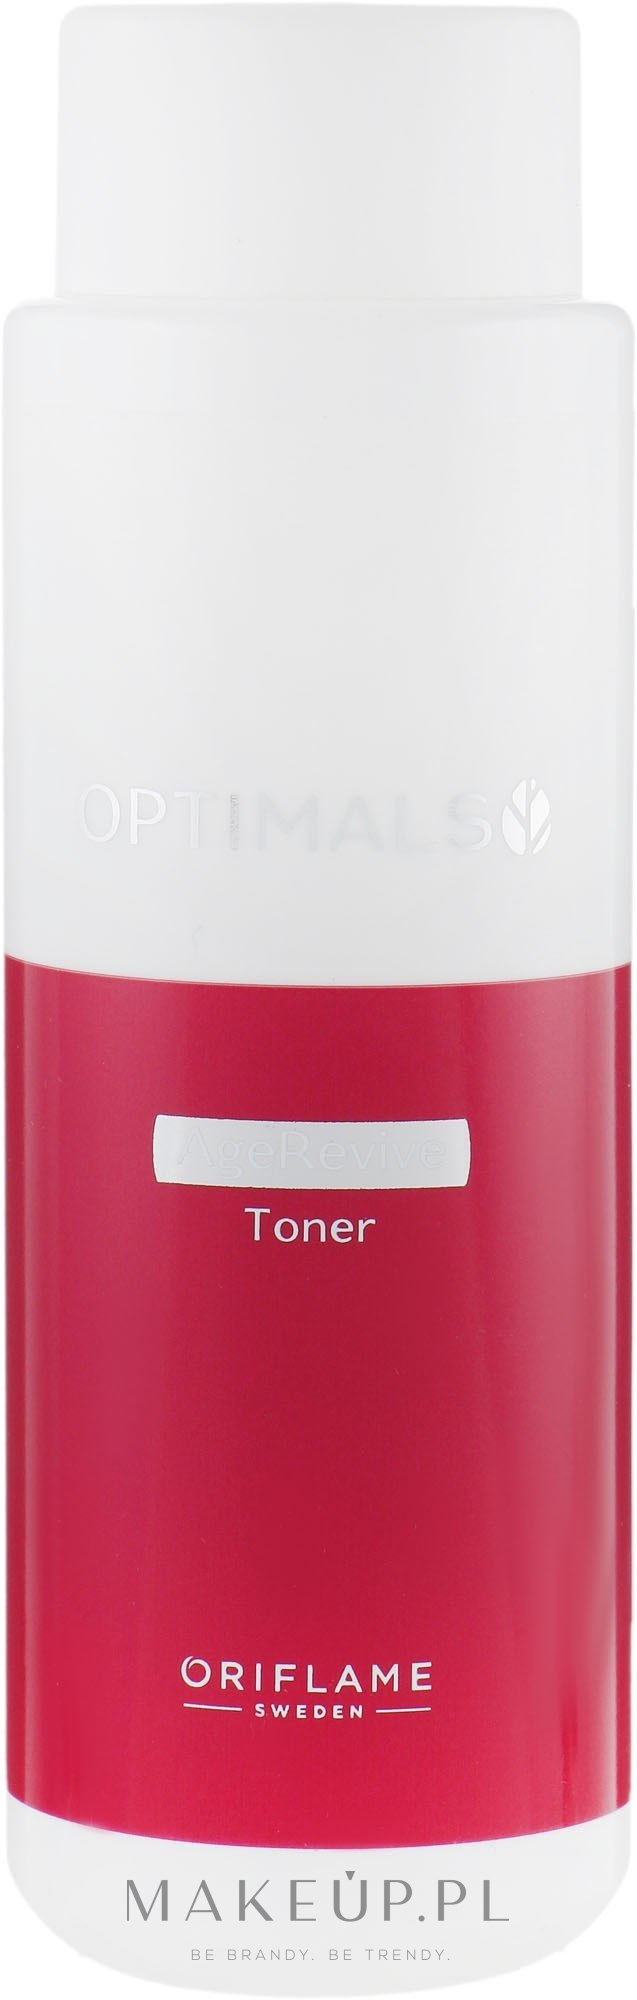 Przeciwzmarszczkowy tonik do twarzy - Oriflame Optimals Age Revive Toner — фото 150 ml